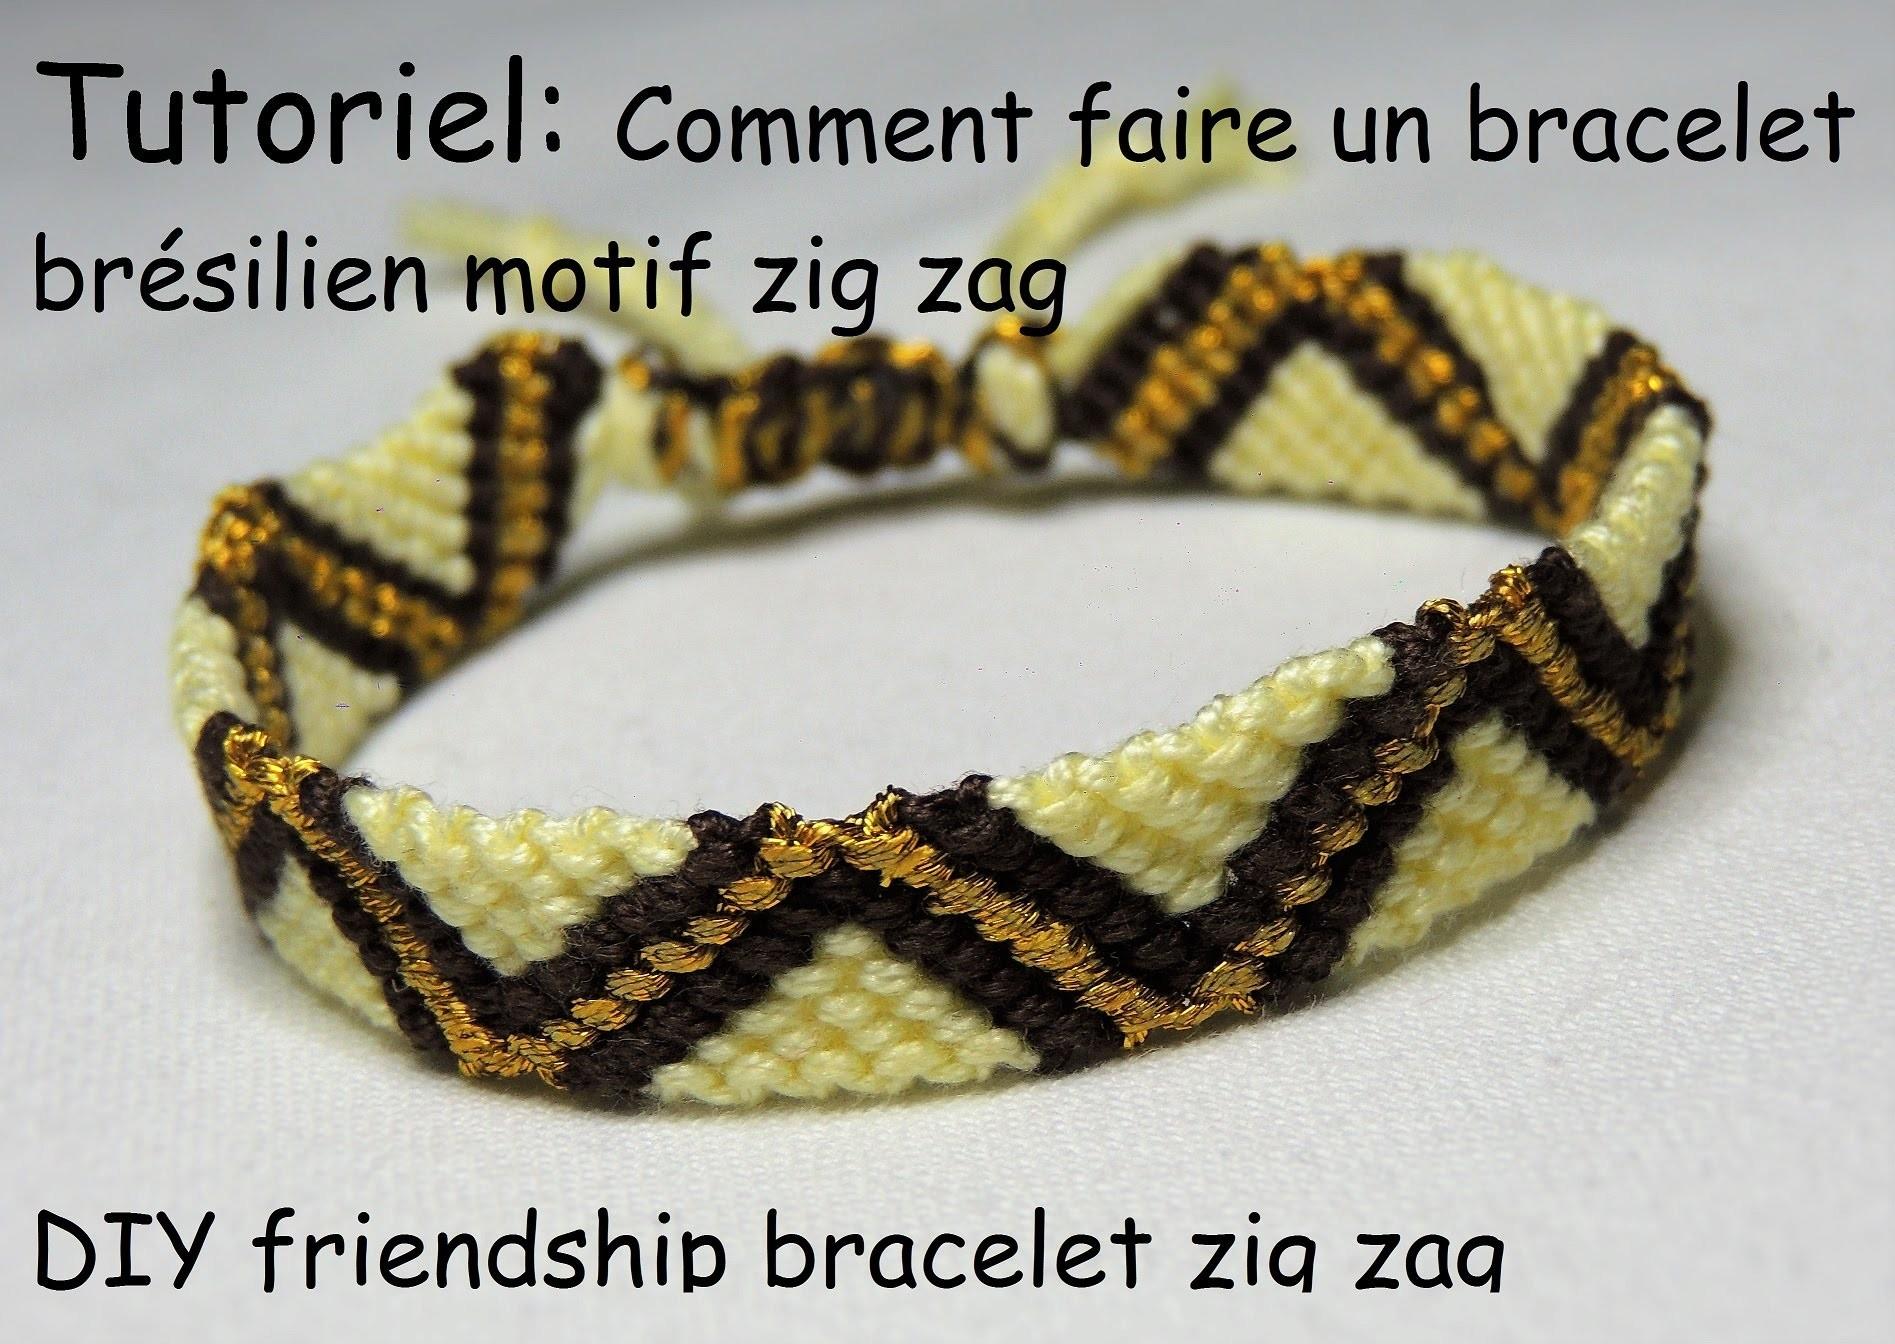 comment faire un bracelet br silien motif zig zag diy friendship bracelet zig zag. Black Bedroom Furniture Sets. Home Design Ideas